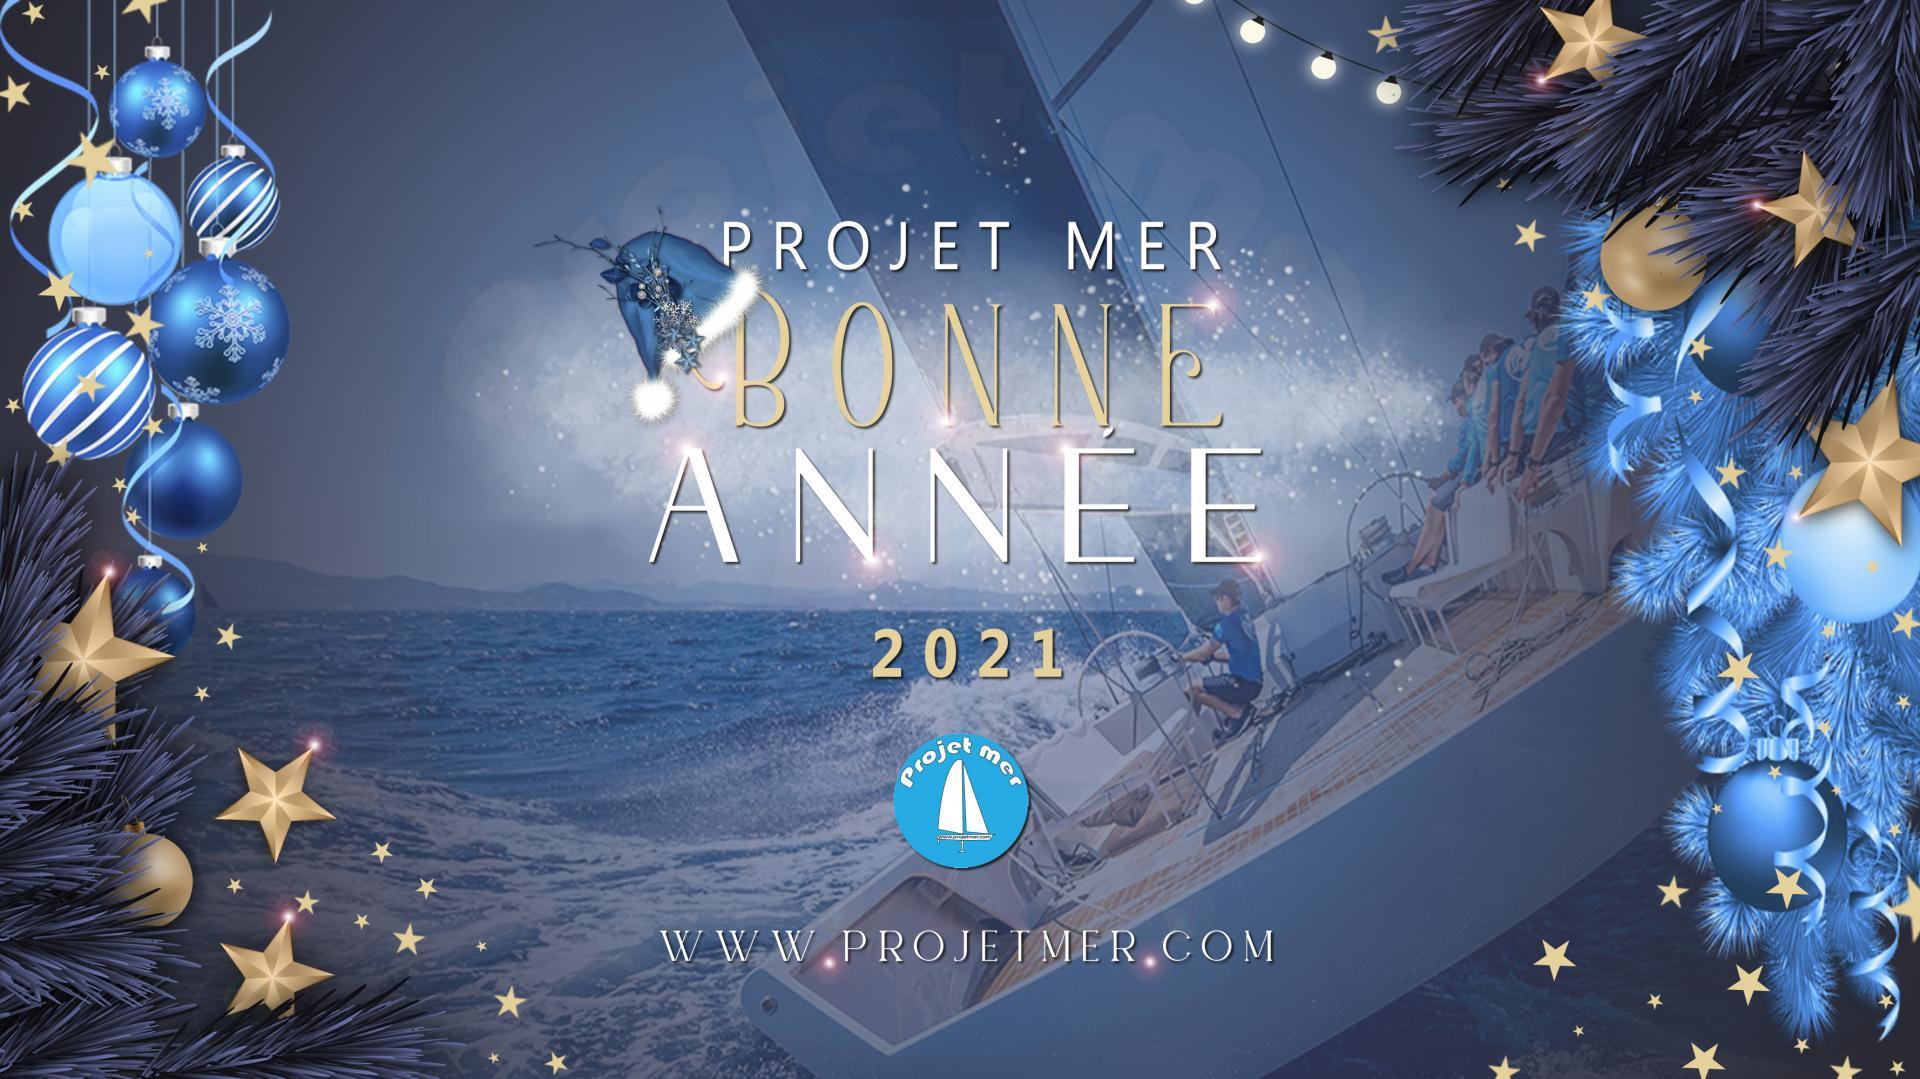 Projet mer bonne annee 2021